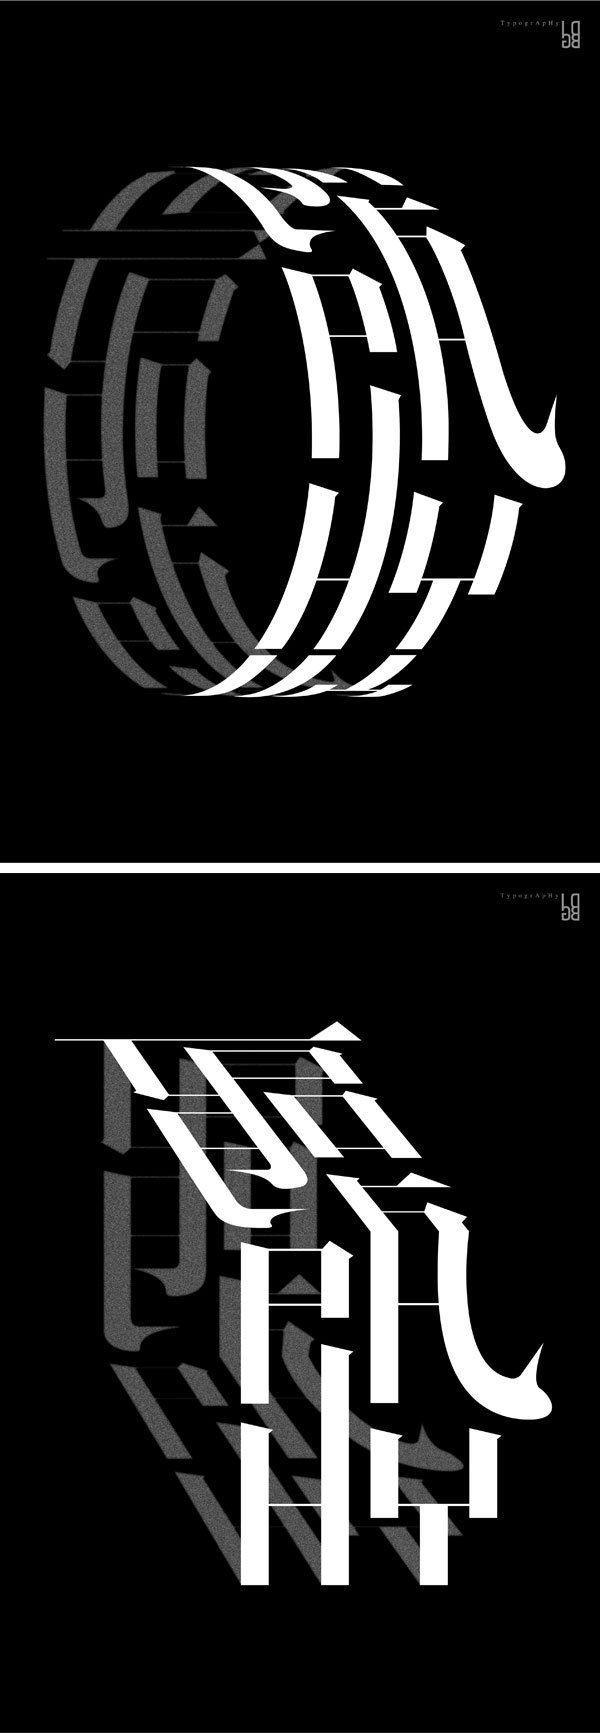 Poster-字体系列 _ Qing Zhao ( hanqingtang Design )